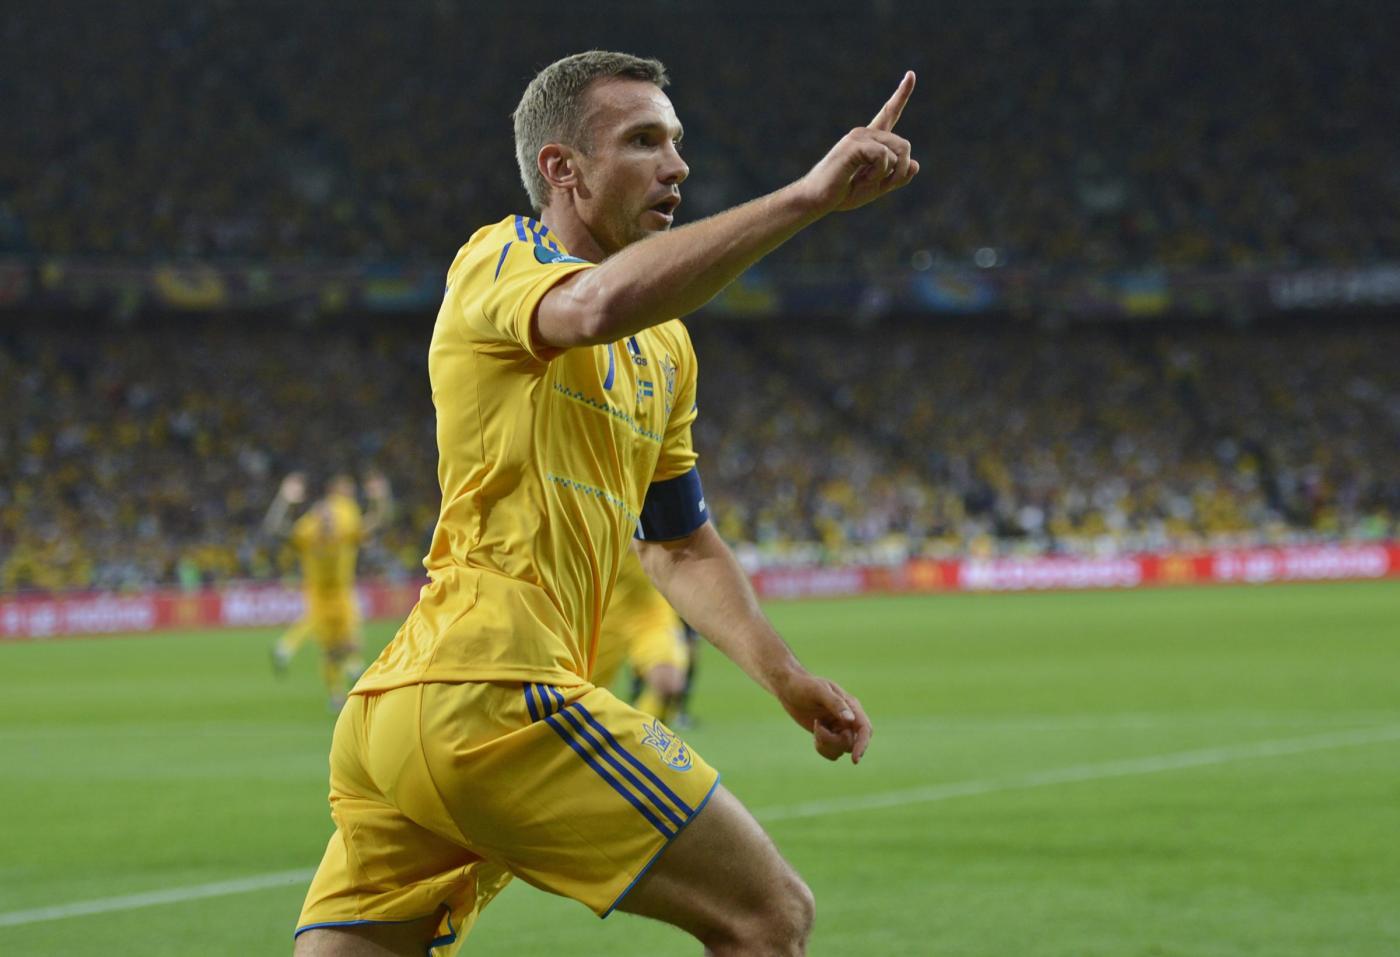 Ascolti tv lunedì 11 giugno 2012, 6 milioni per la vittoria dell'Ucraina sulla Svezia